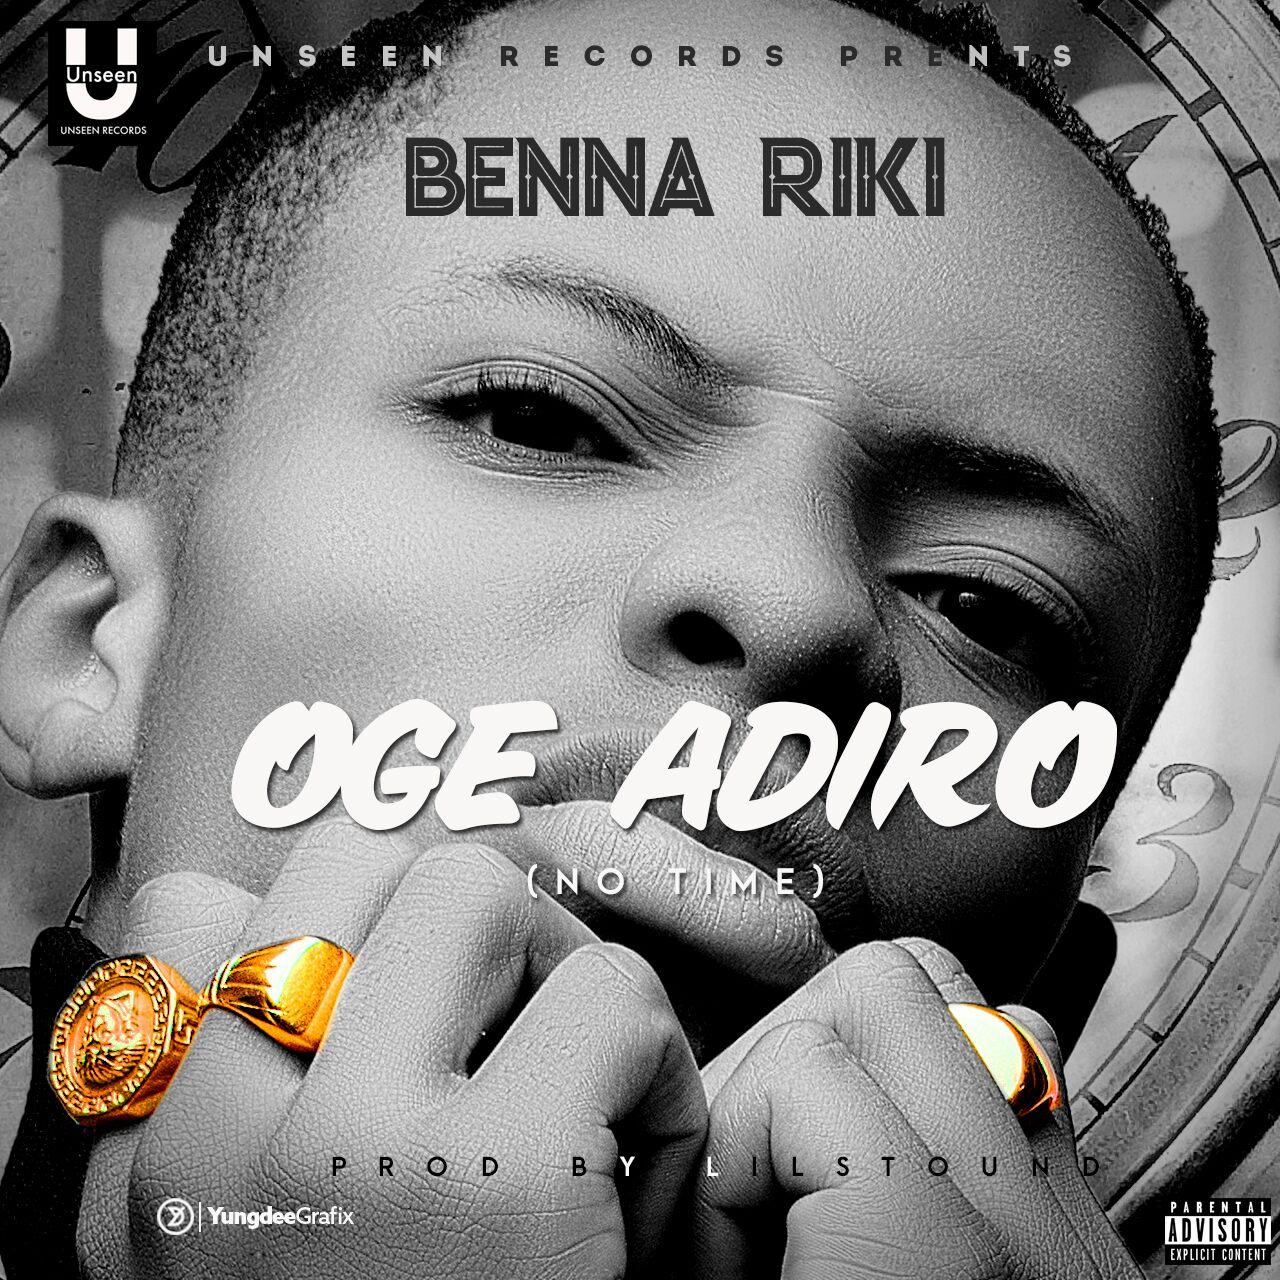 Benna Riki – Oge Adiro (No Time)